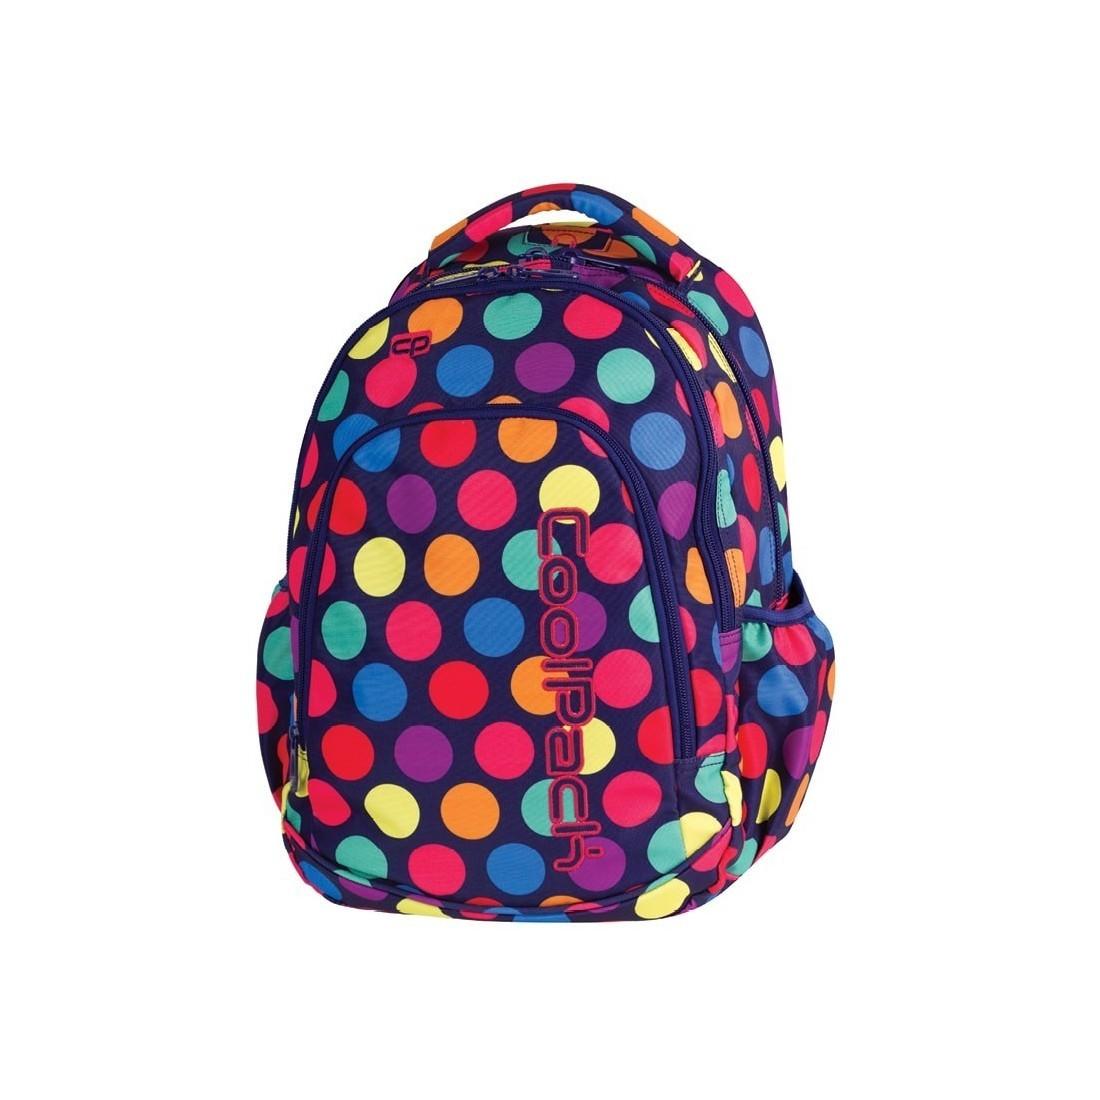 4b72f5f690a1b Plecak szkolny CoolPack 1059 Lollipops dla dziewczynki - plecak ...